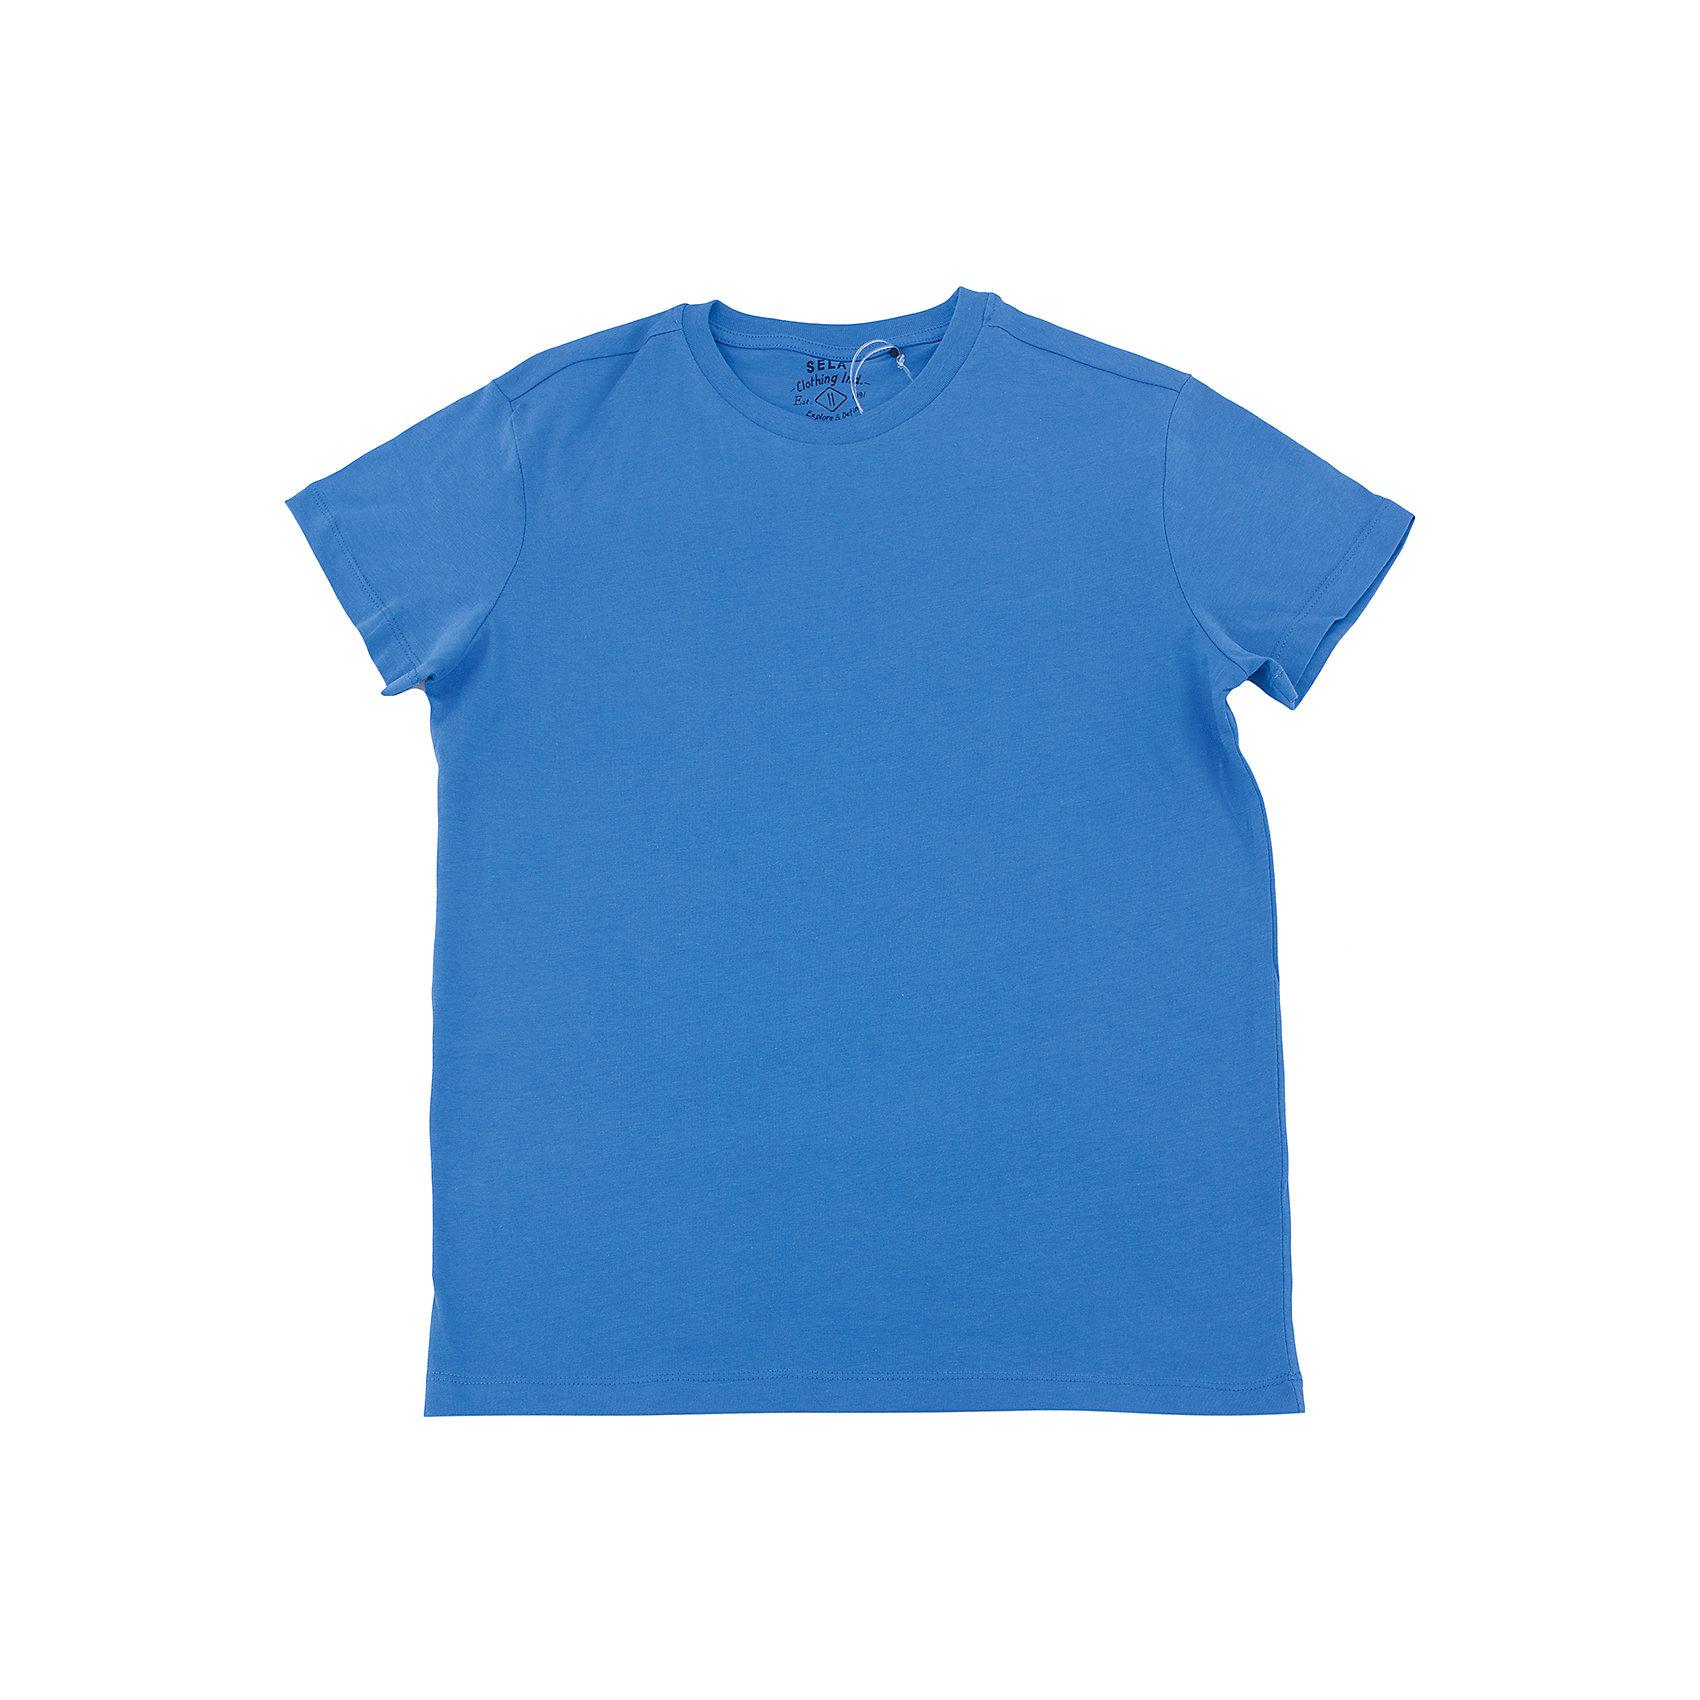 Футболка  мальчика SELAФутболки, поло и топы<br>Характеристики товара:<br><br>• цвет: синий<br>• состав: 100% хлопок<br>• однотонная<br>• короткие рукава<br>• округлый горловой вырез<br>• коллекция весна-лето 2017<br>• страна бренда: Российская Федерация<br><br>В новой коллекции SELA отличные модели одежды! Эта футболка для мальчика поможет разнообразить гардероб ребенка и обеспечить комфорт. Она отлично сочетается с джинсами и брюками. Удобная базовая вещь!<br><br>Одежда, обувь и аксессуары от российского бренда SELA не зря пользуются большой популярностью у детей и взрослых! Модели этой марки - стильные и удобные, цена при этом неизменно остается доступной. Для их производства используются только безопасные, качественные материалы и фурнитура. Новая коллекция поддерживает хорошие традиции бренда! <br><br>Футболку для мальчика от популярного бренда SELA (СЕЛА) можно купить в нашем интернет-магазине.<br><br>Ширина мм: 230<br>Глубина мм: 40<br>Высота мм: 220<br>Вес г: 250<br>Цвет: синий<br>Возраст от месяцев: 108<br>Возраст до месяцев: 120<br>Пол: Мужской<br>Возраст: Детский<br>Размер: 152,116,122,128,134,140,146<br>SKU: 5304319